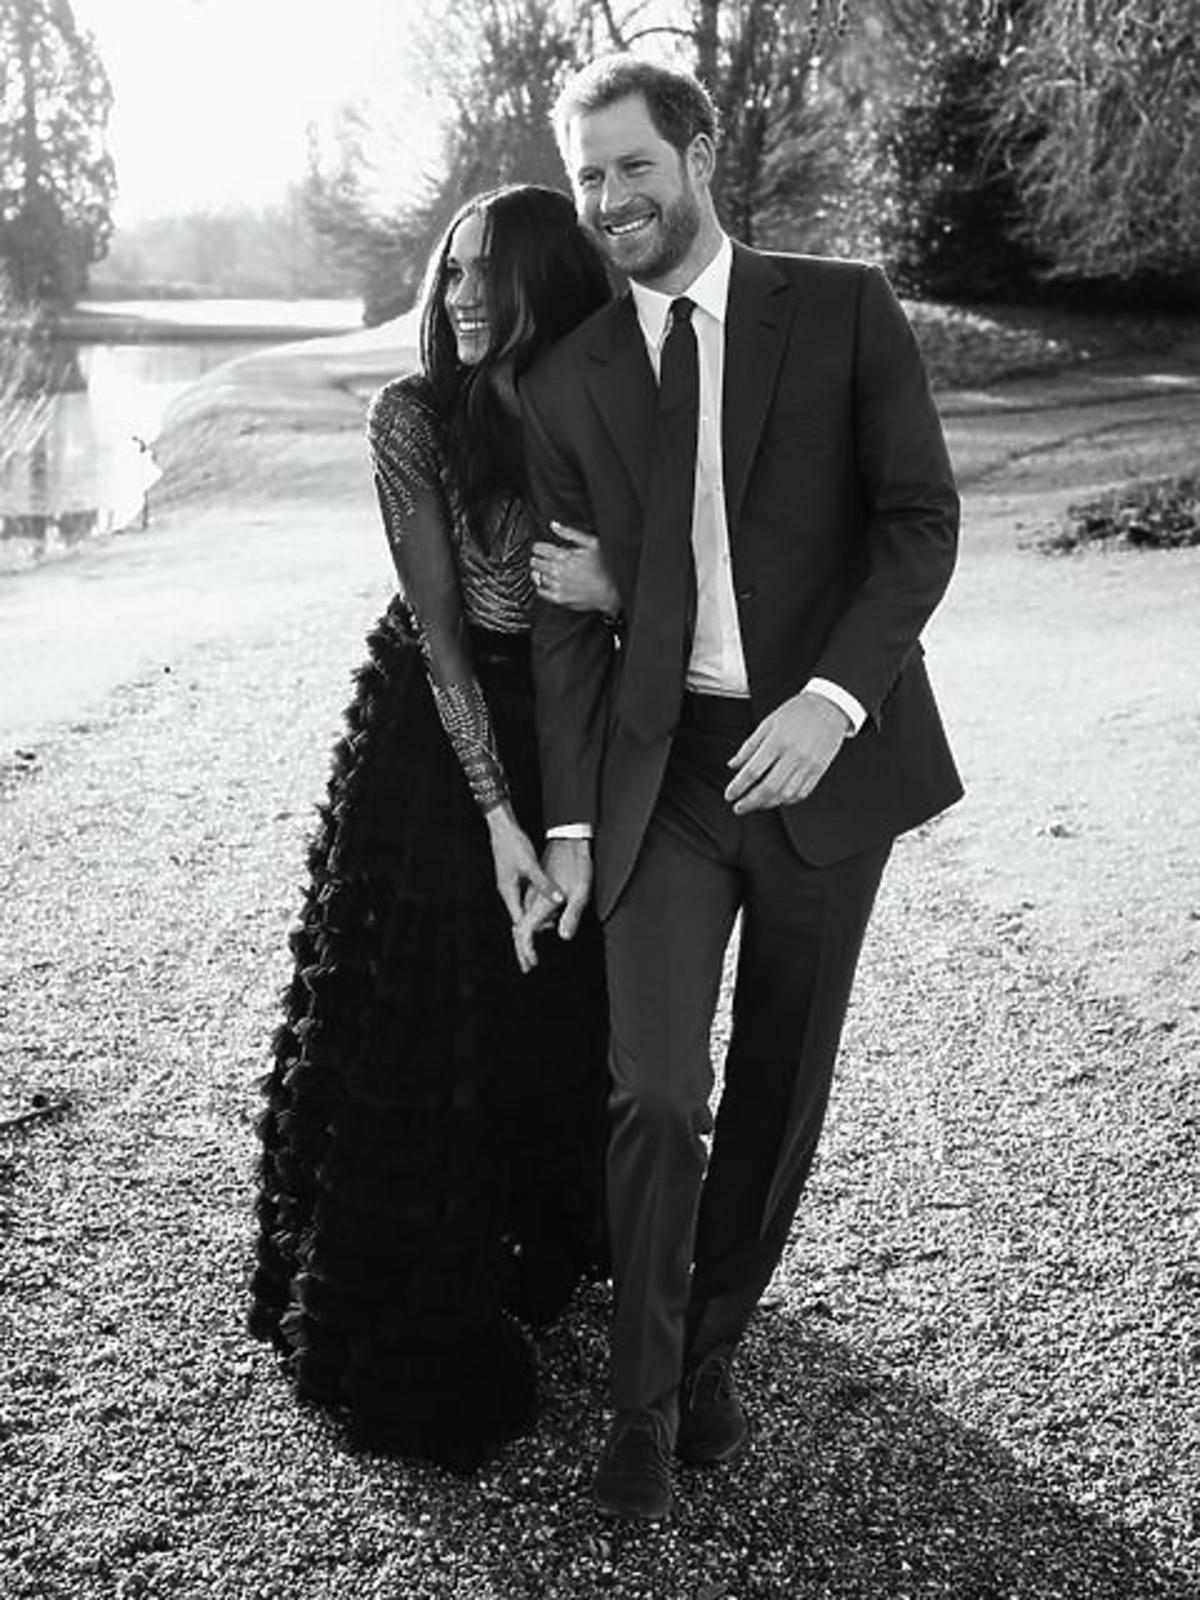 Zdjęcie z sesji zaręczynowej Meghan Markle i księcia Harry'ego / fot. Alexi Lubomirski